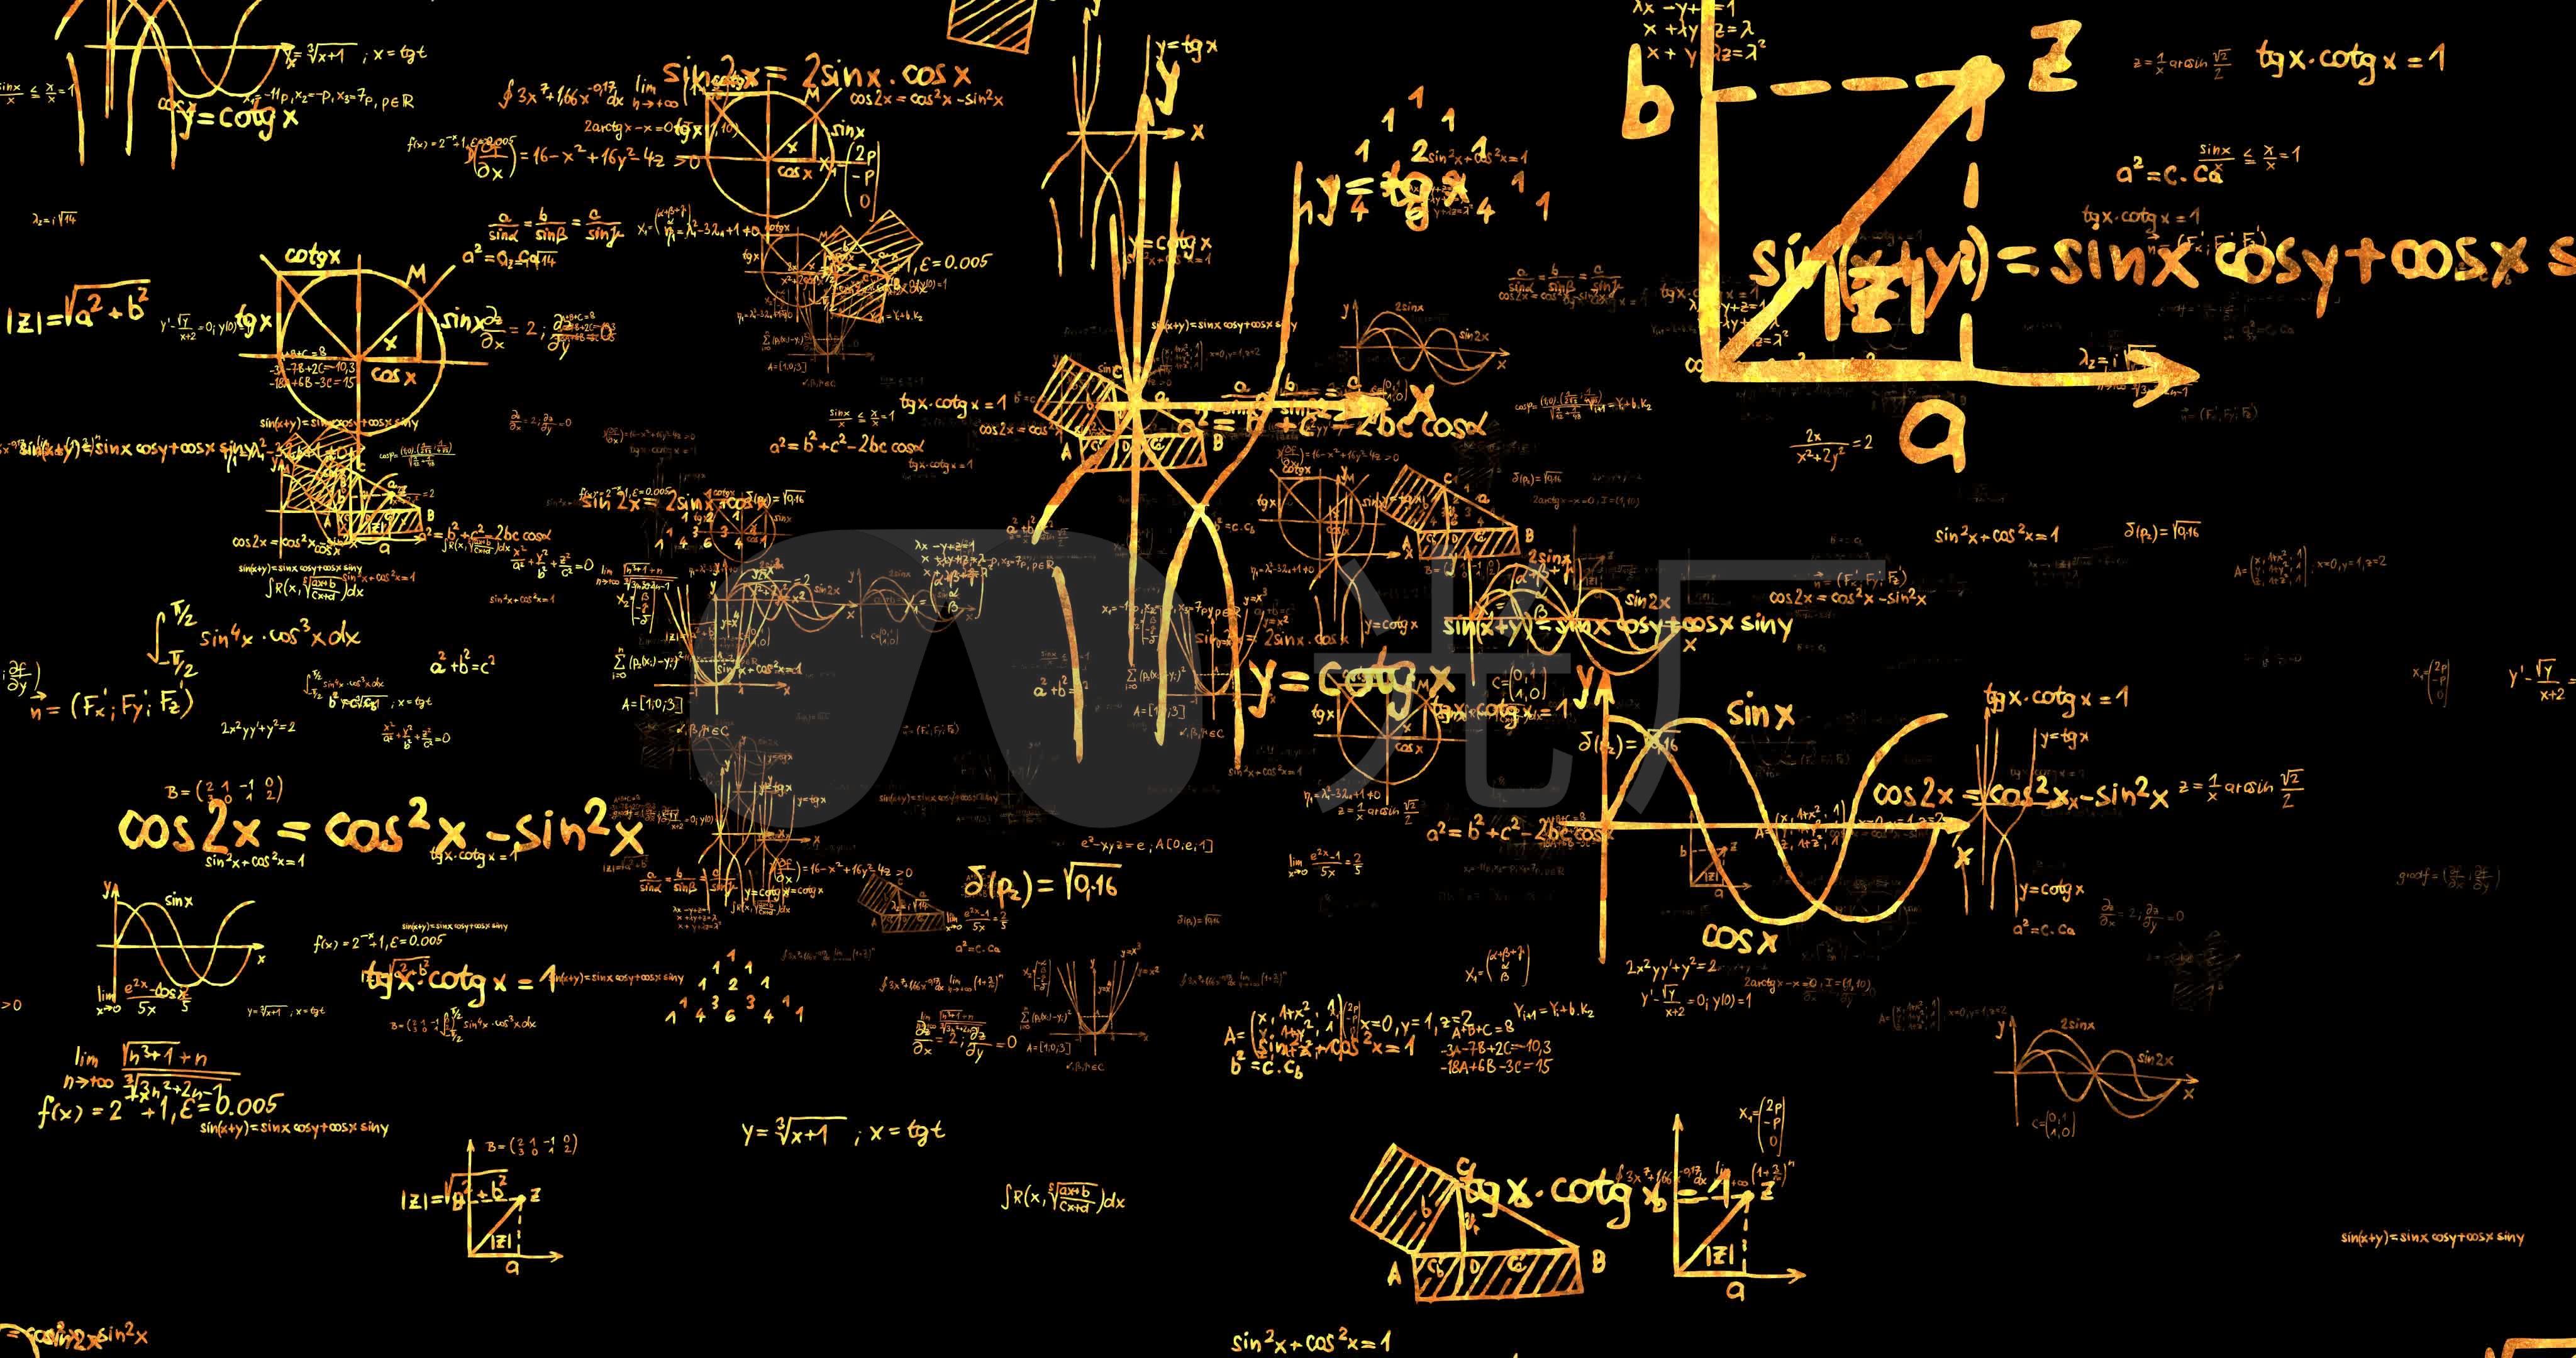 数学方程式数学公式带通道透明背景4k图片